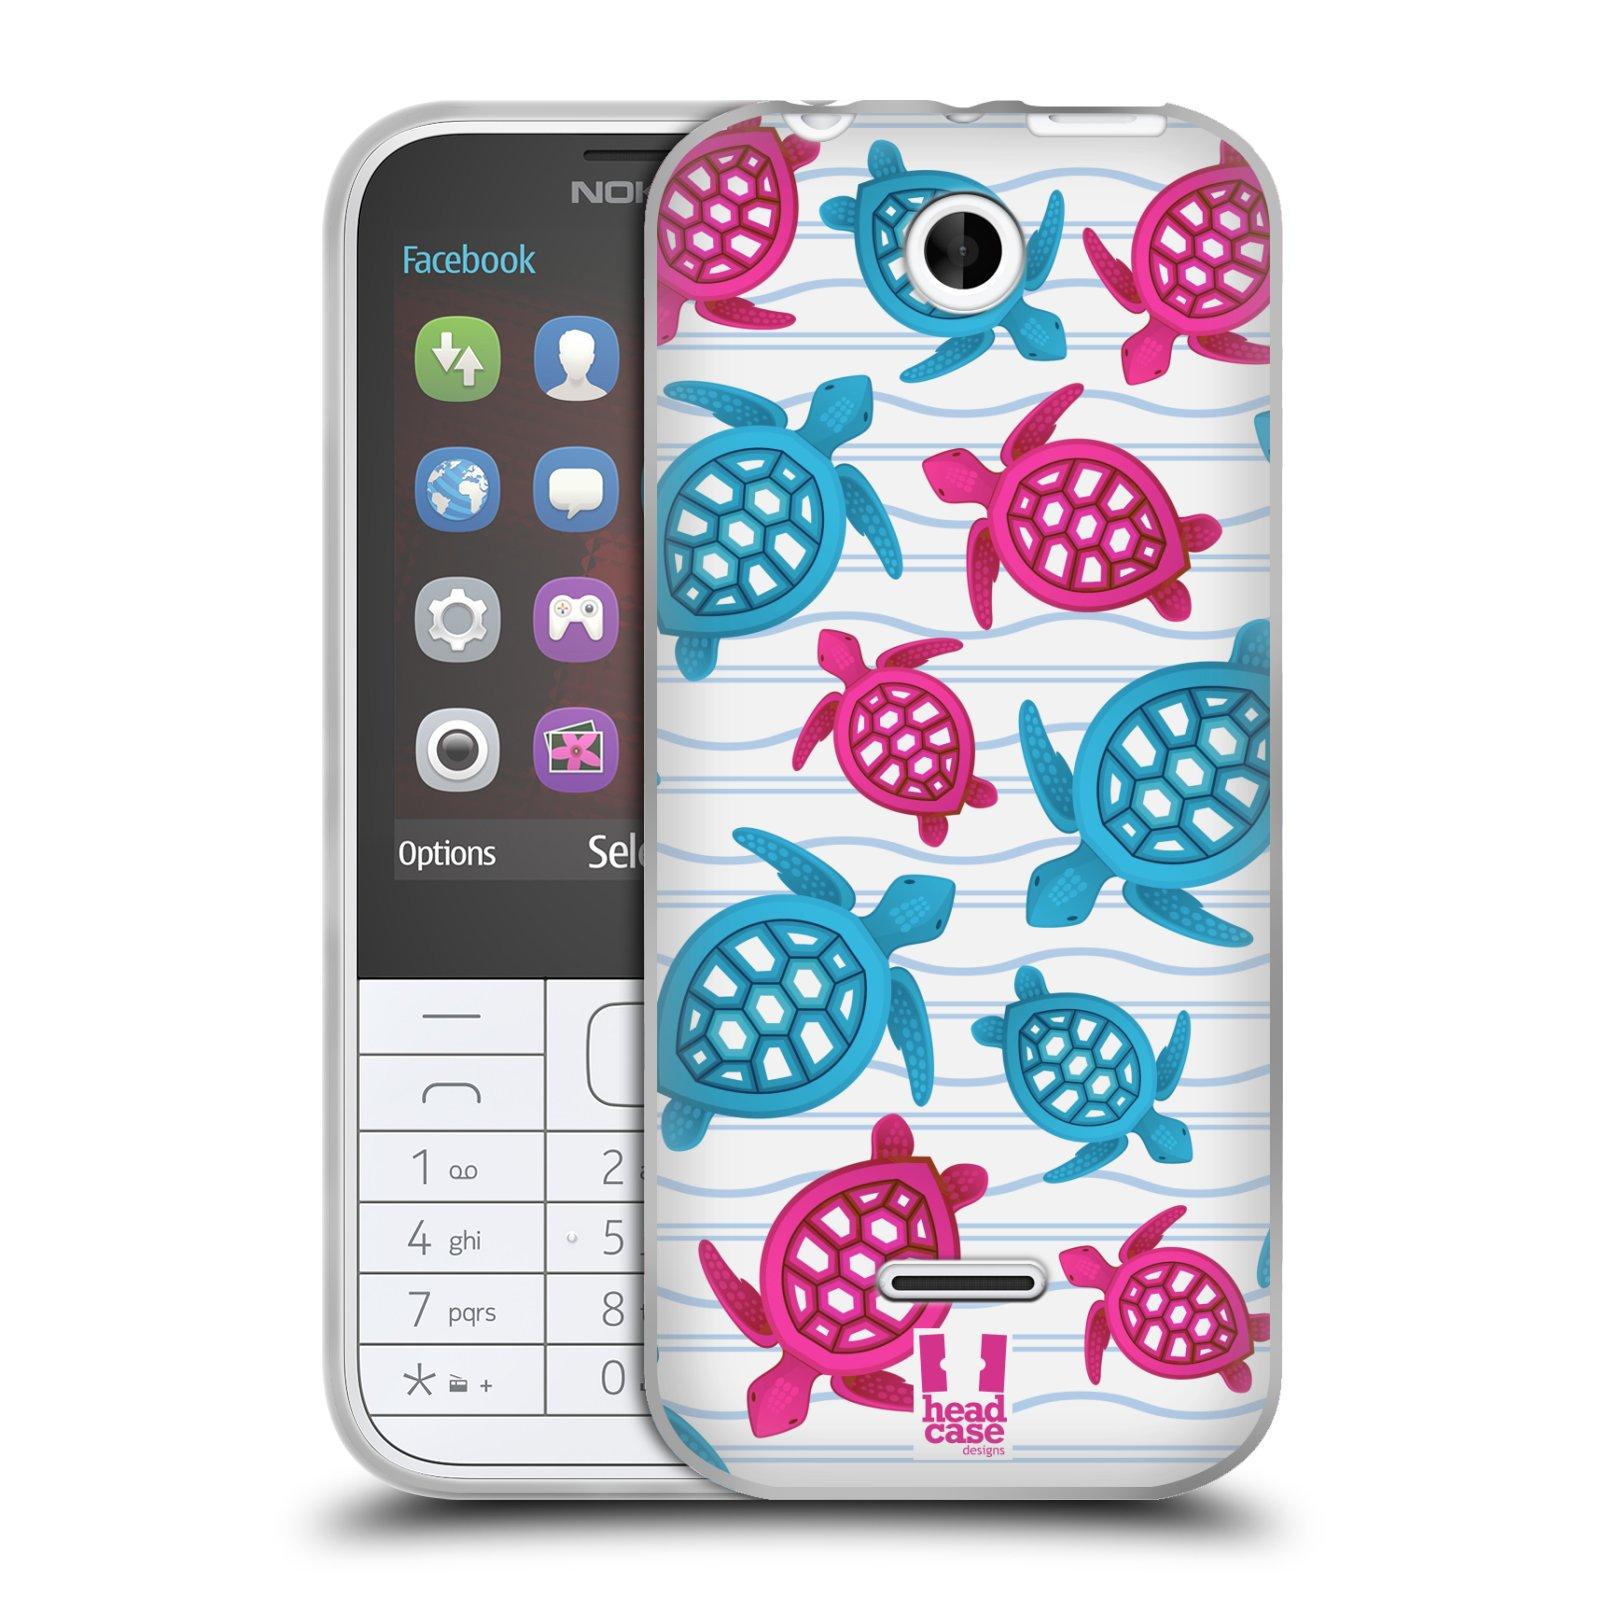 HEAD CASE silikonový obal na mobil NOKIA 225 / NOKIA 225 DUAL SIM vzor mořský živočich želva modrá a růžová